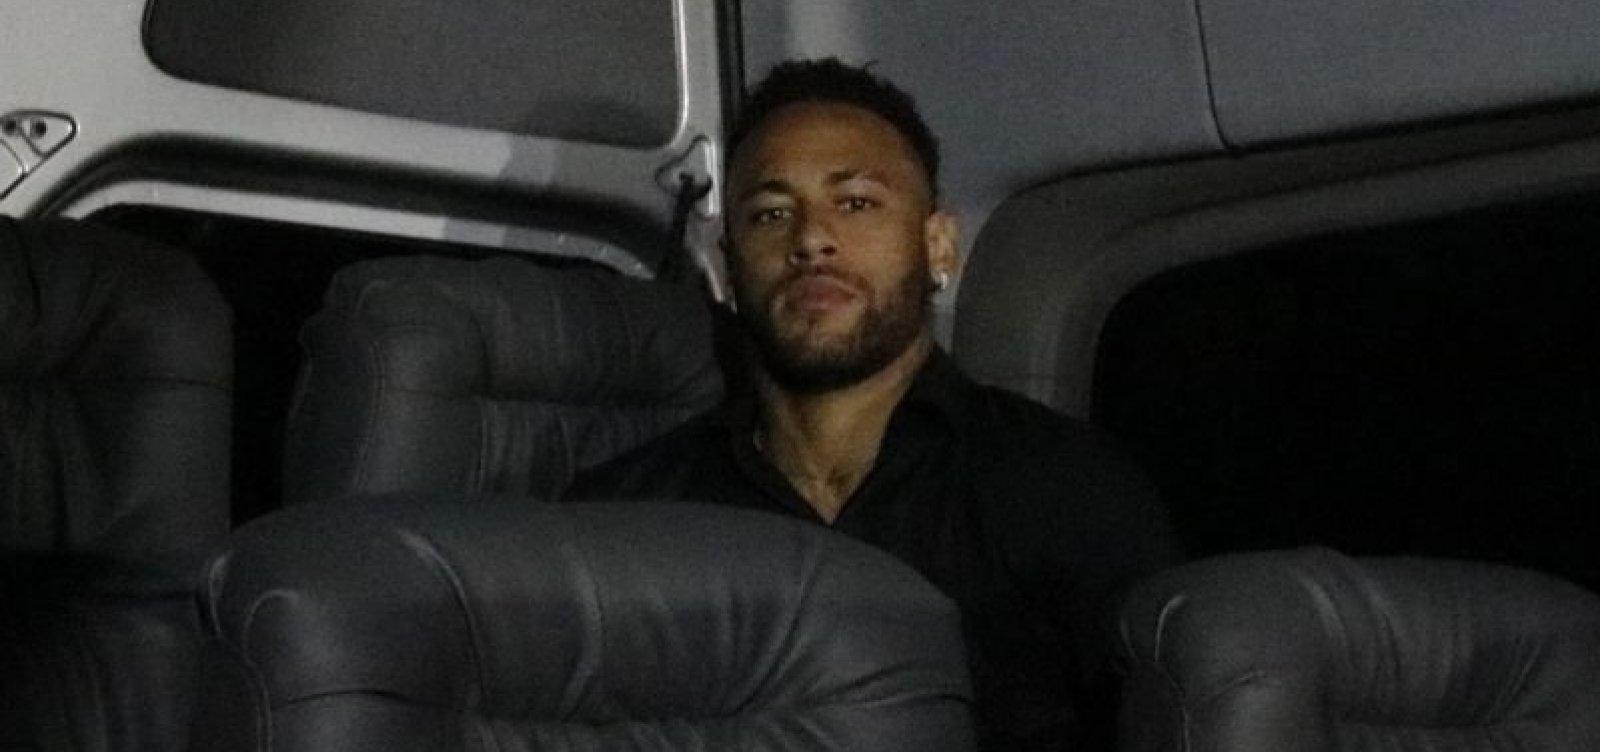 [Vaza nova troca de mensagens entre Neymar a Najila: 'Uma GP é tratada com mais empatia']